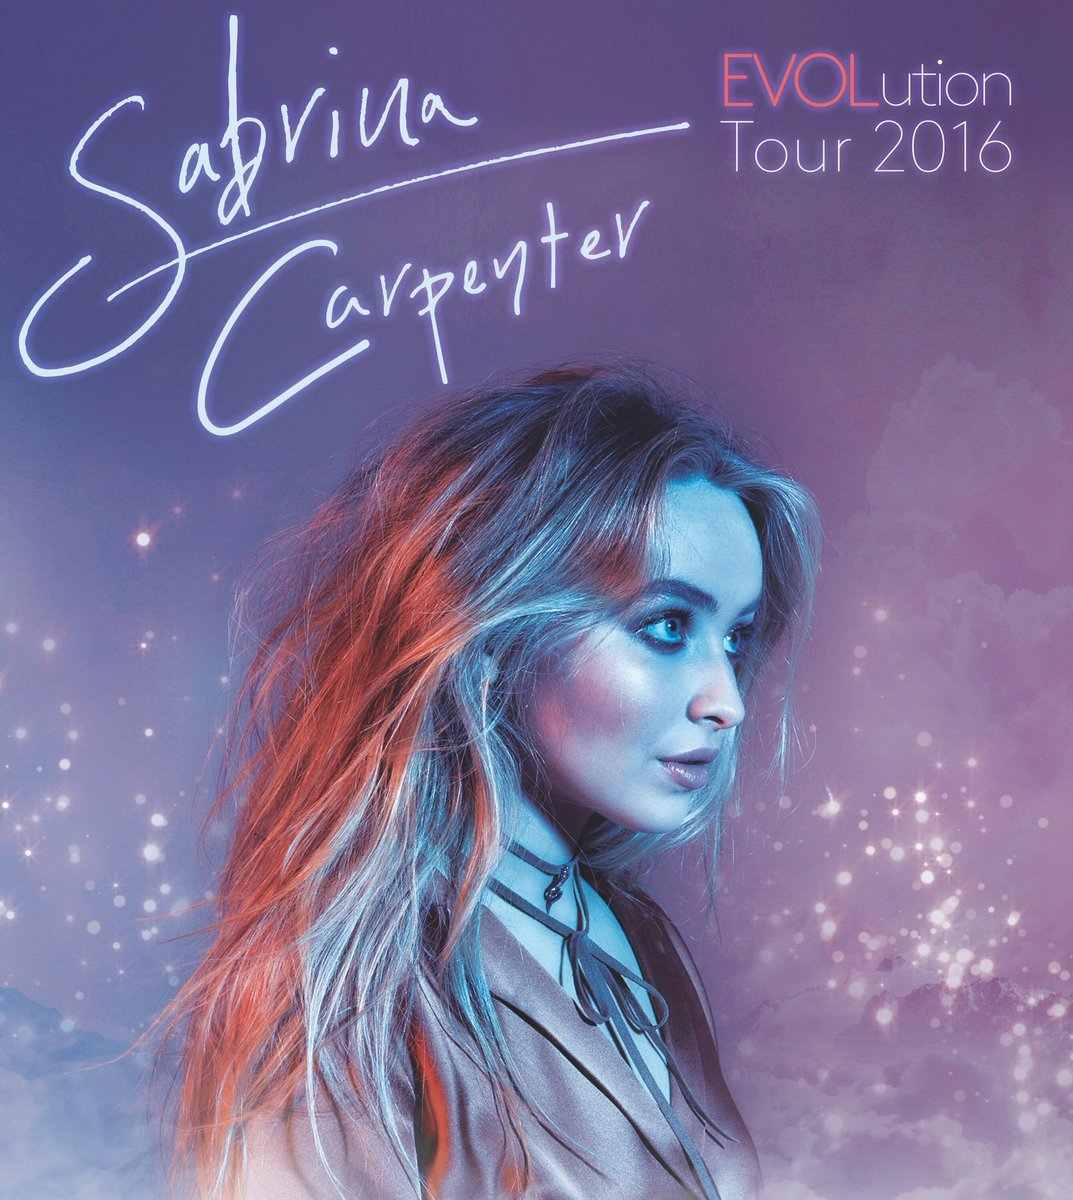 Get Ready For Sabrina Carpenter's EVOLution Tour